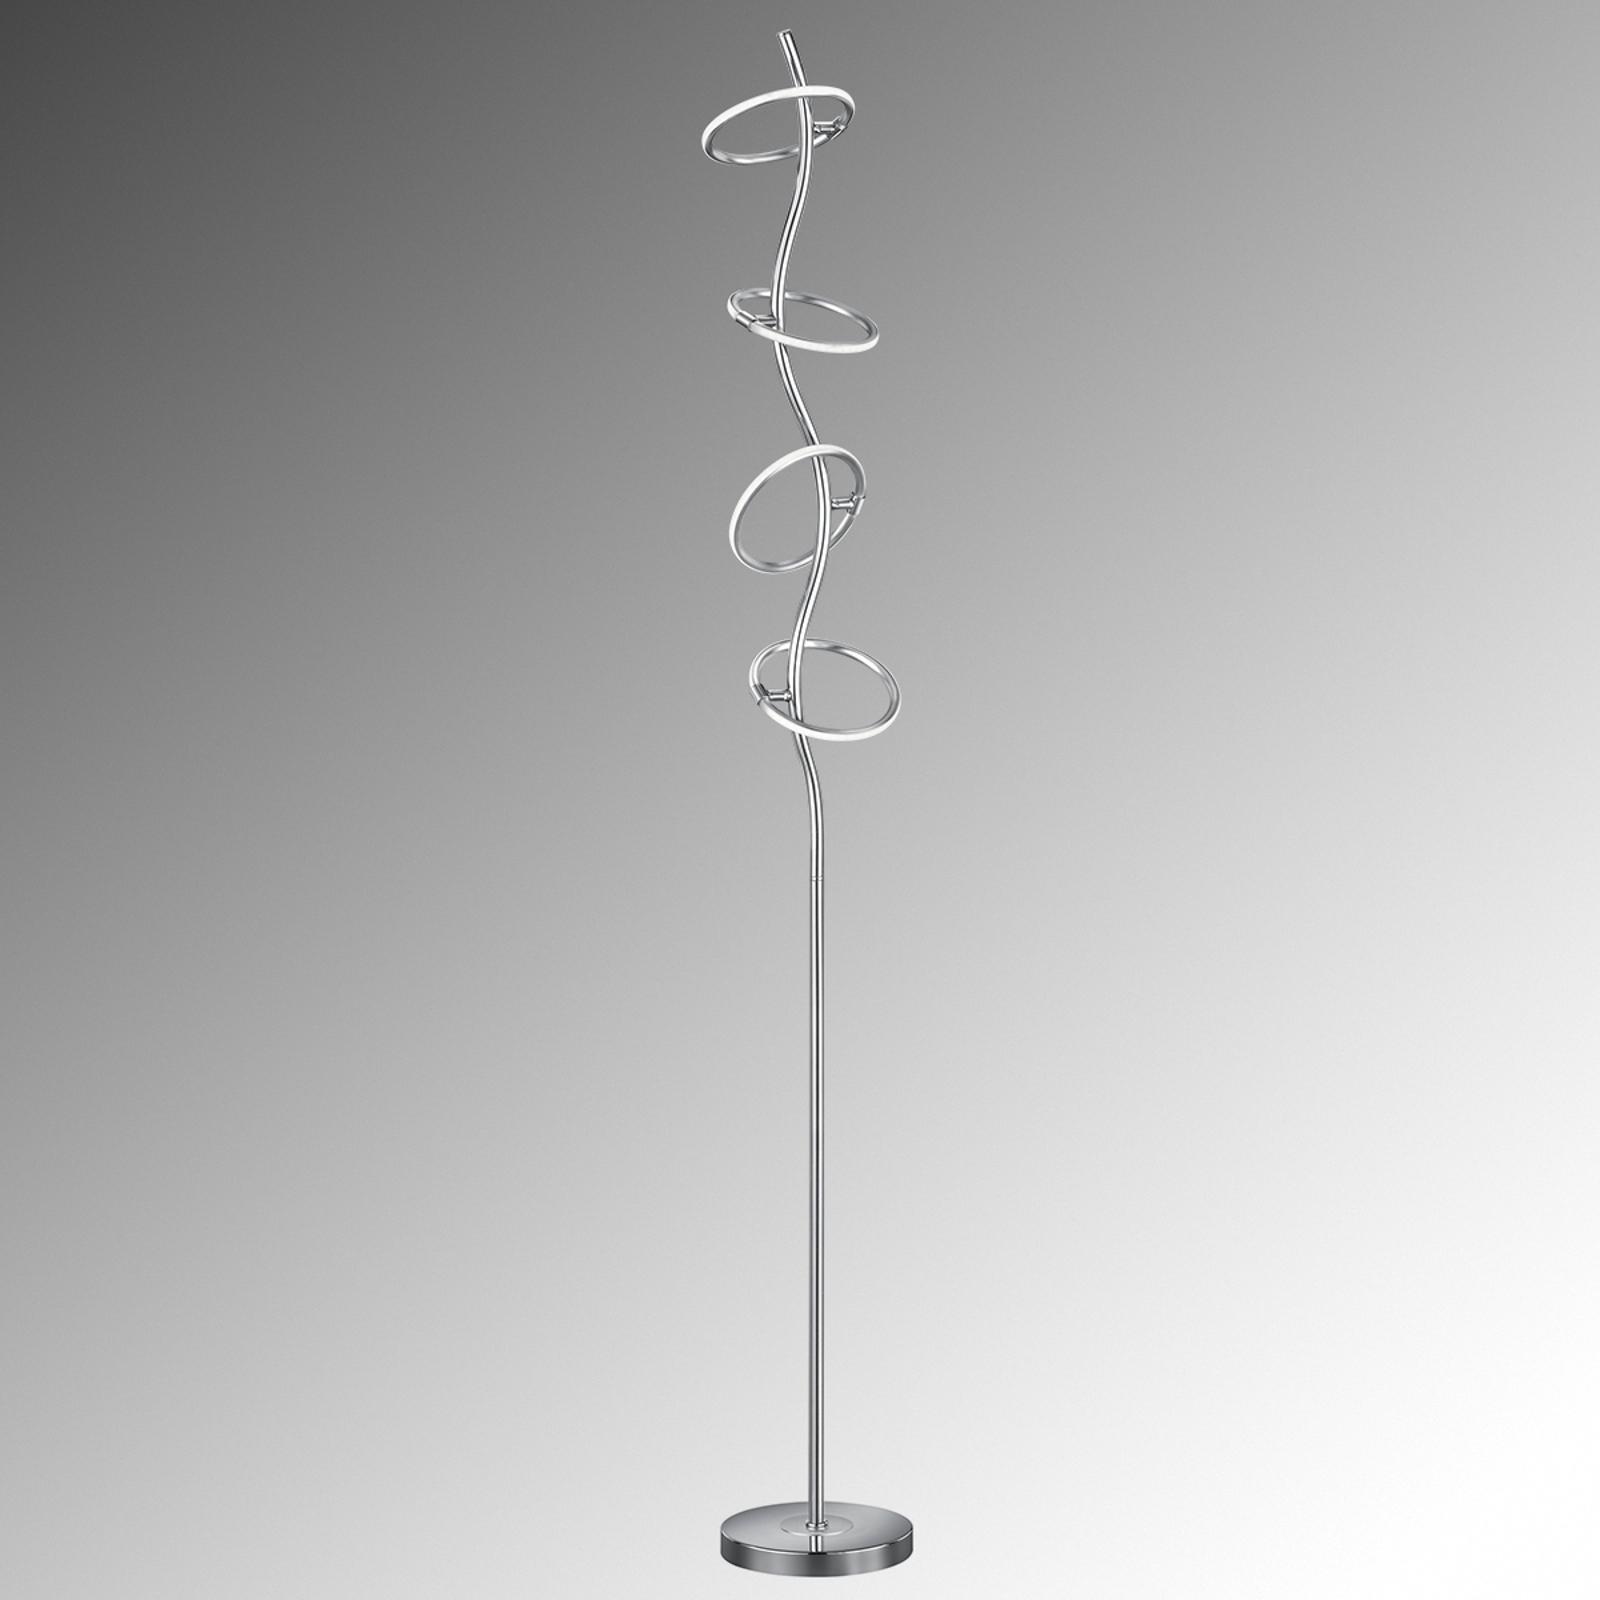 Lampa stojąca LED Olympus, ze ściemniaczem, 4-pkt.